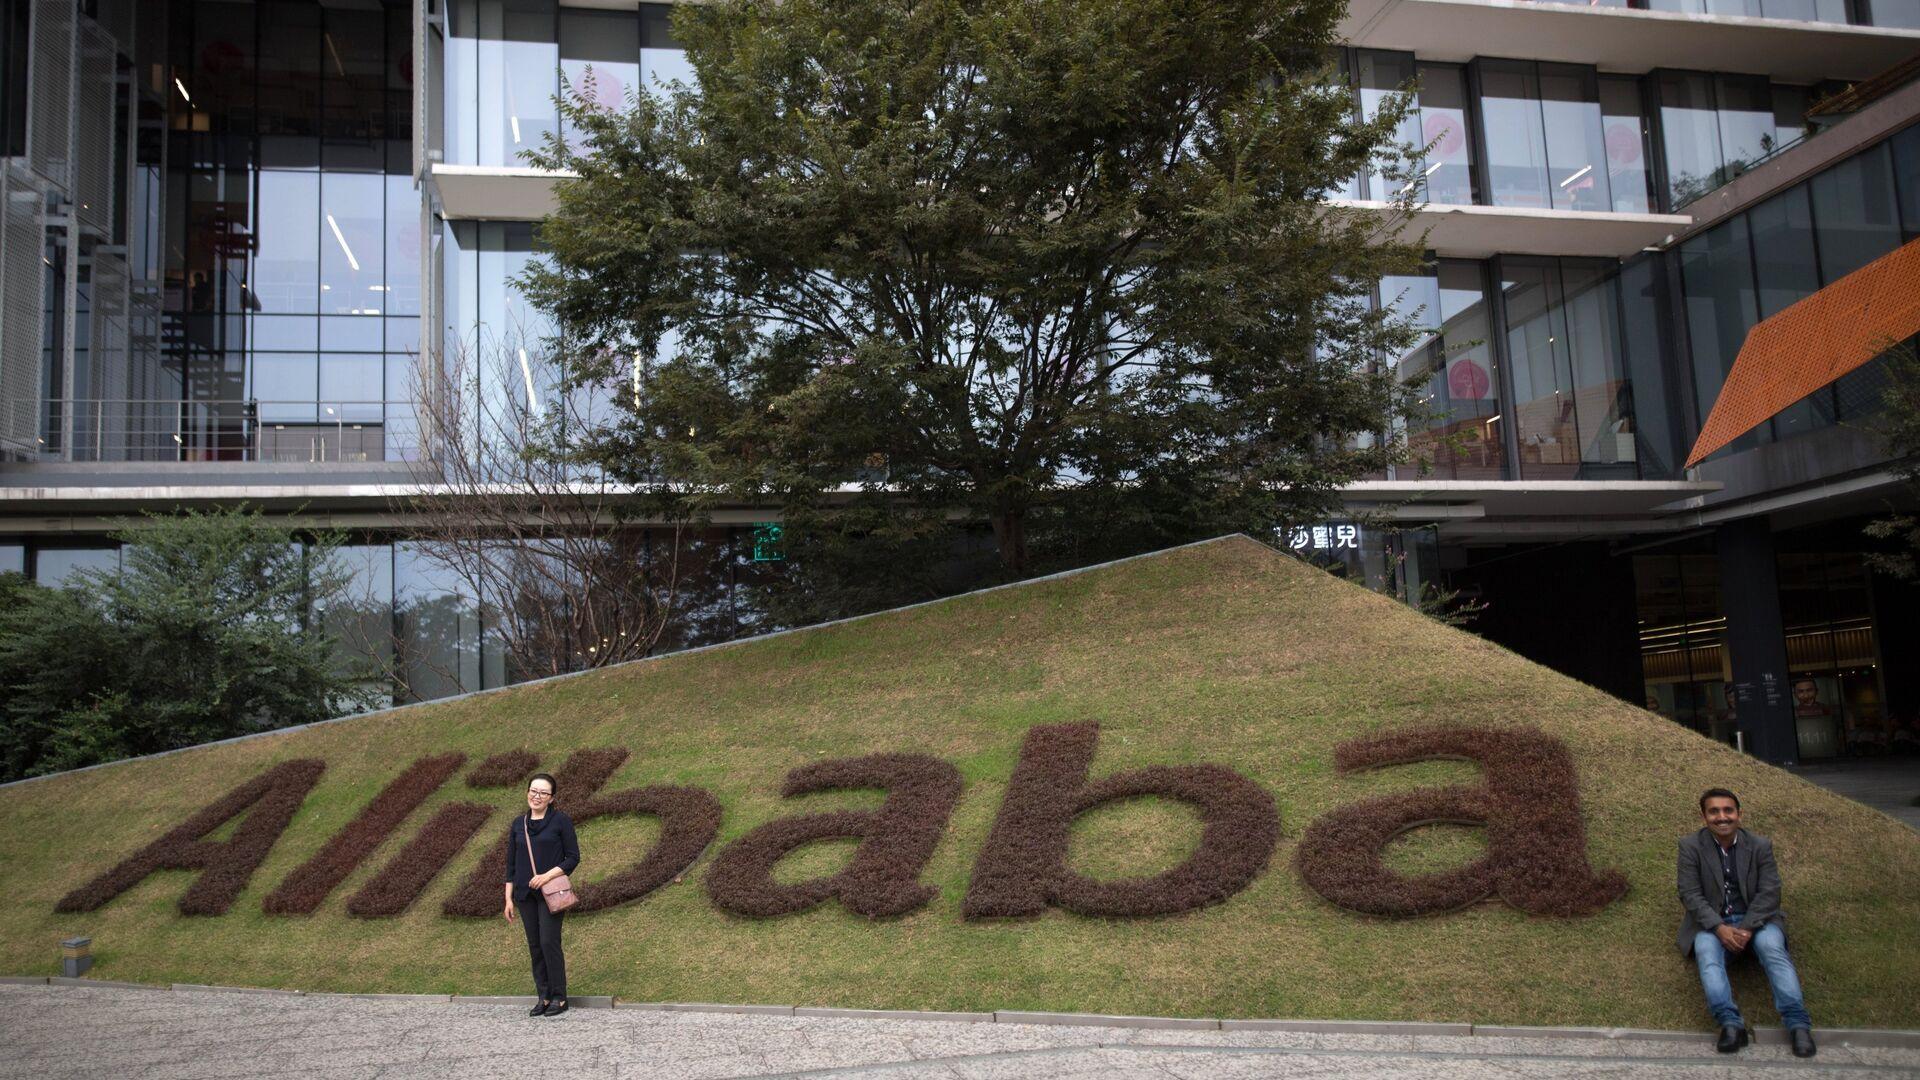 РЭЦ открыл первую онлайн-выставку российской продукции на Alibaba.com